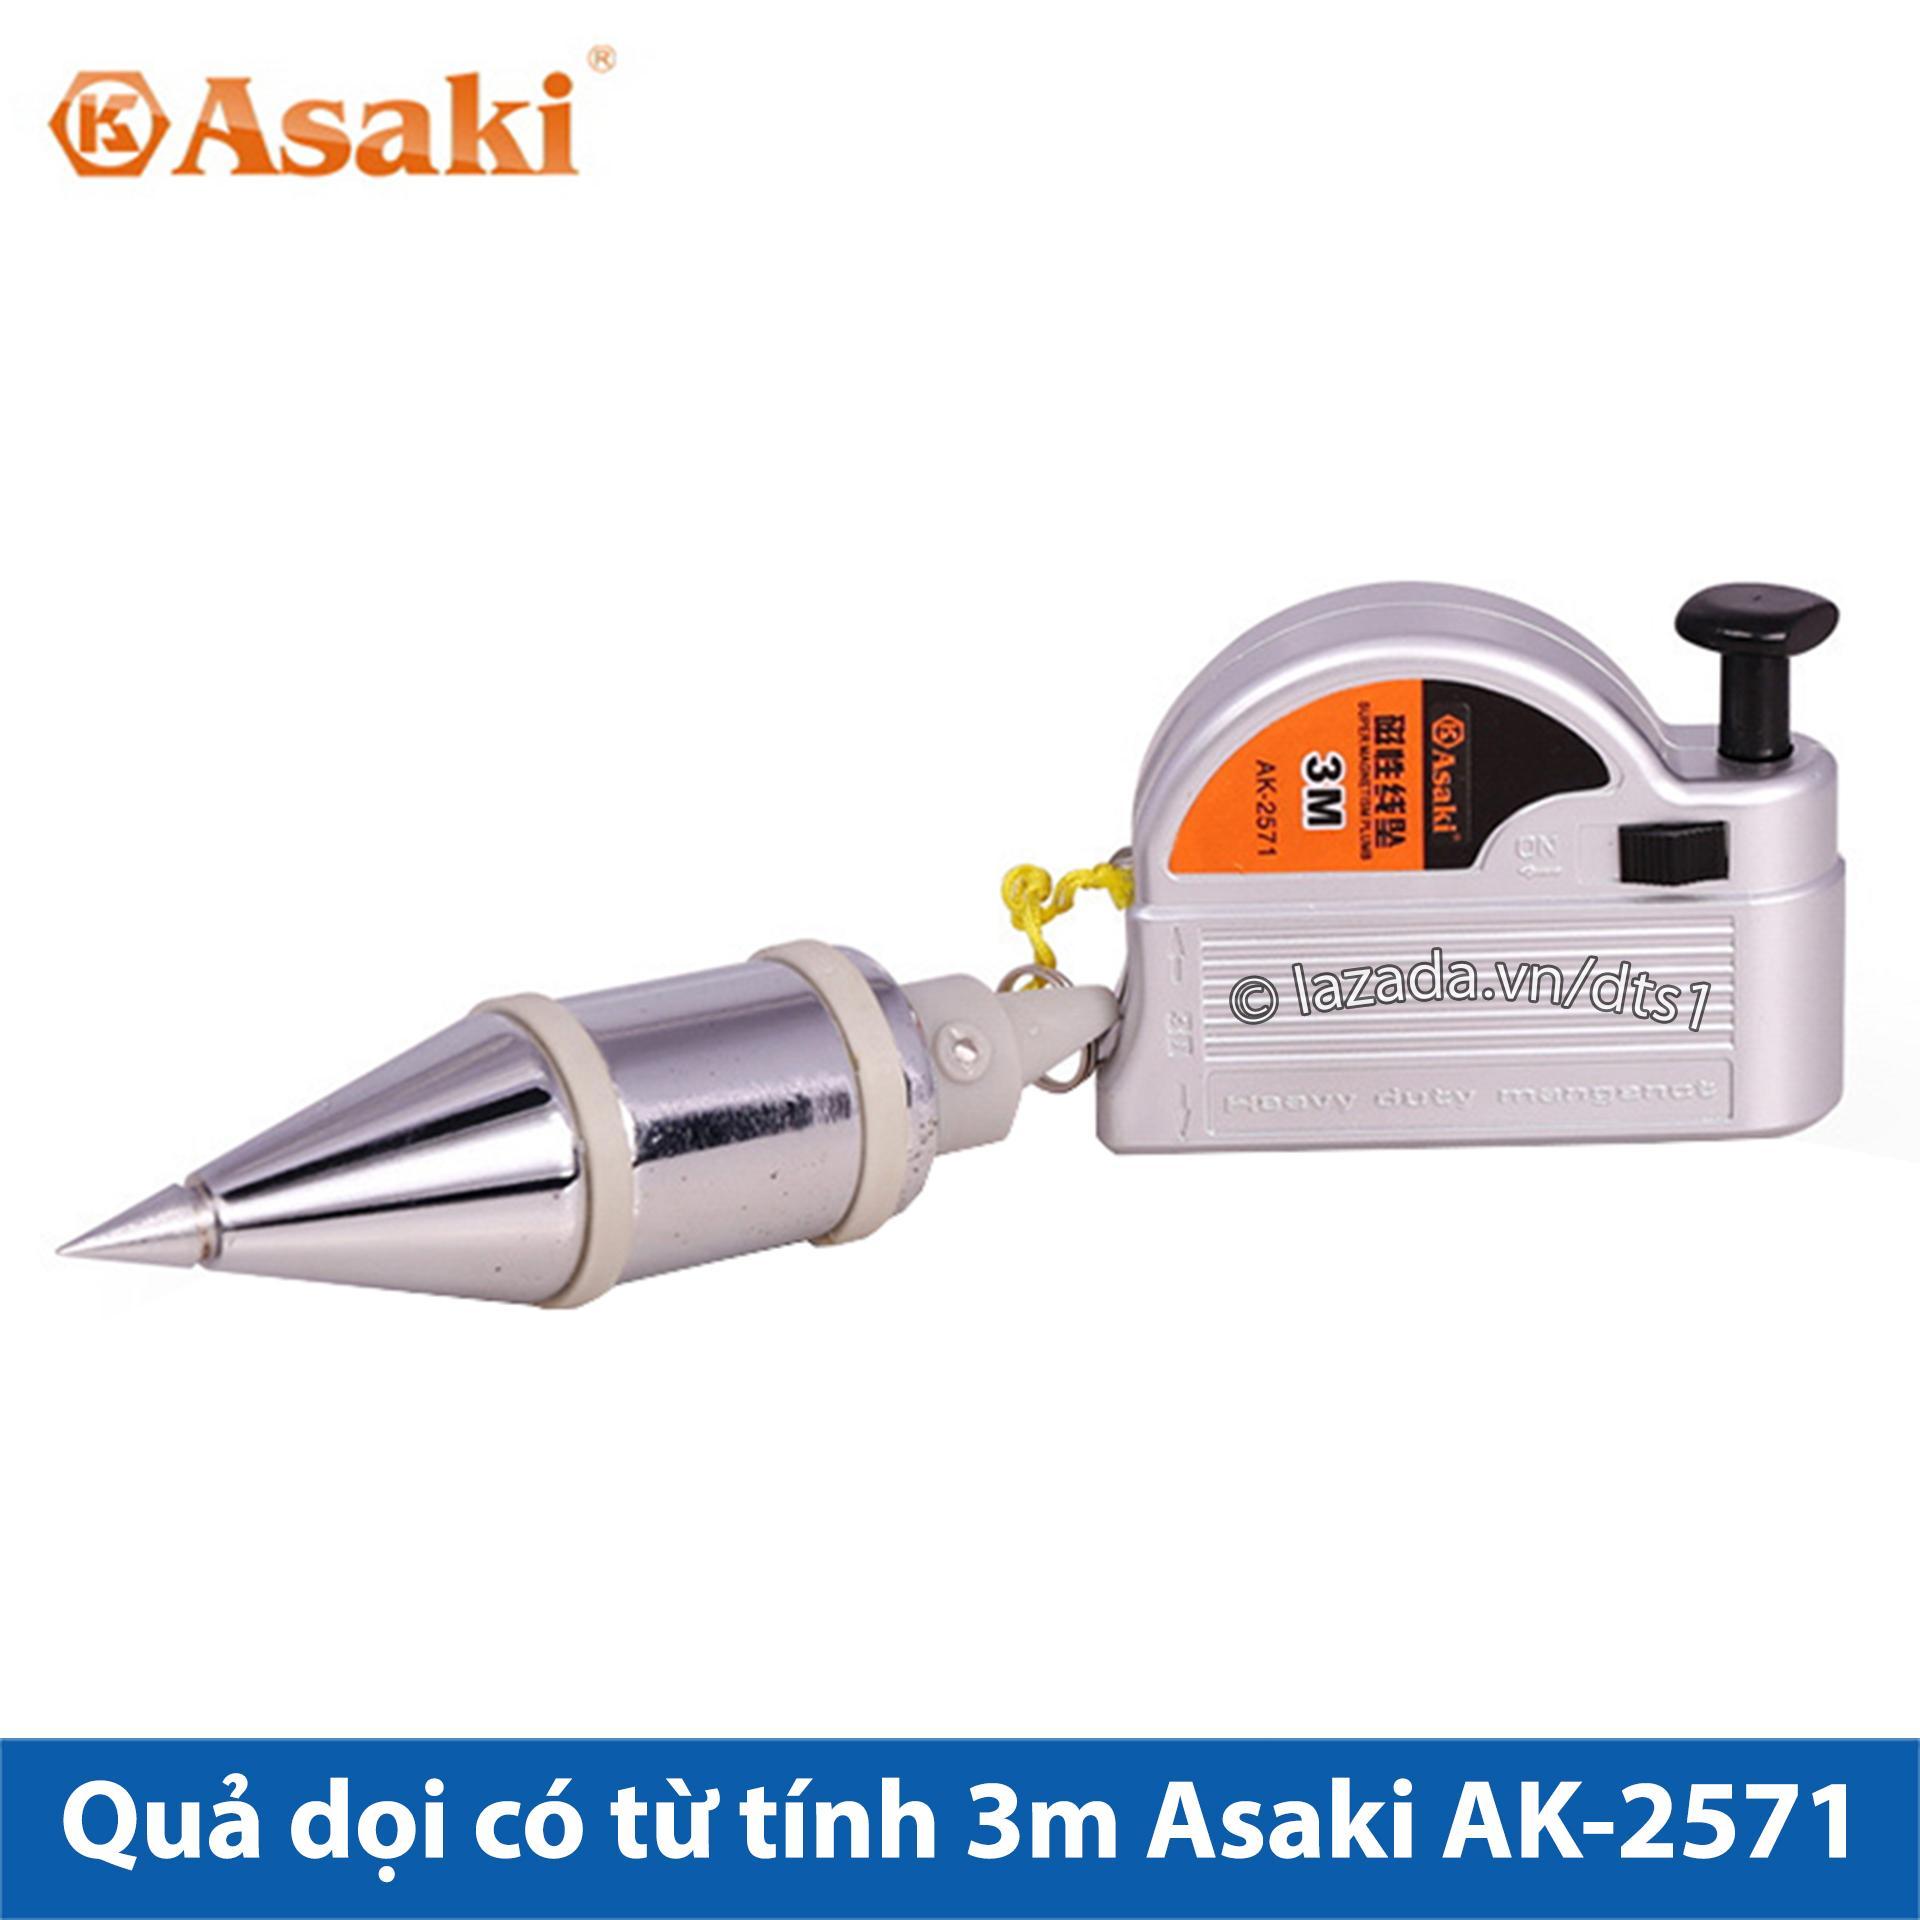 Quả dọi có từ tính 3m Asaki AK-2571 (Lập lòn từ tính)